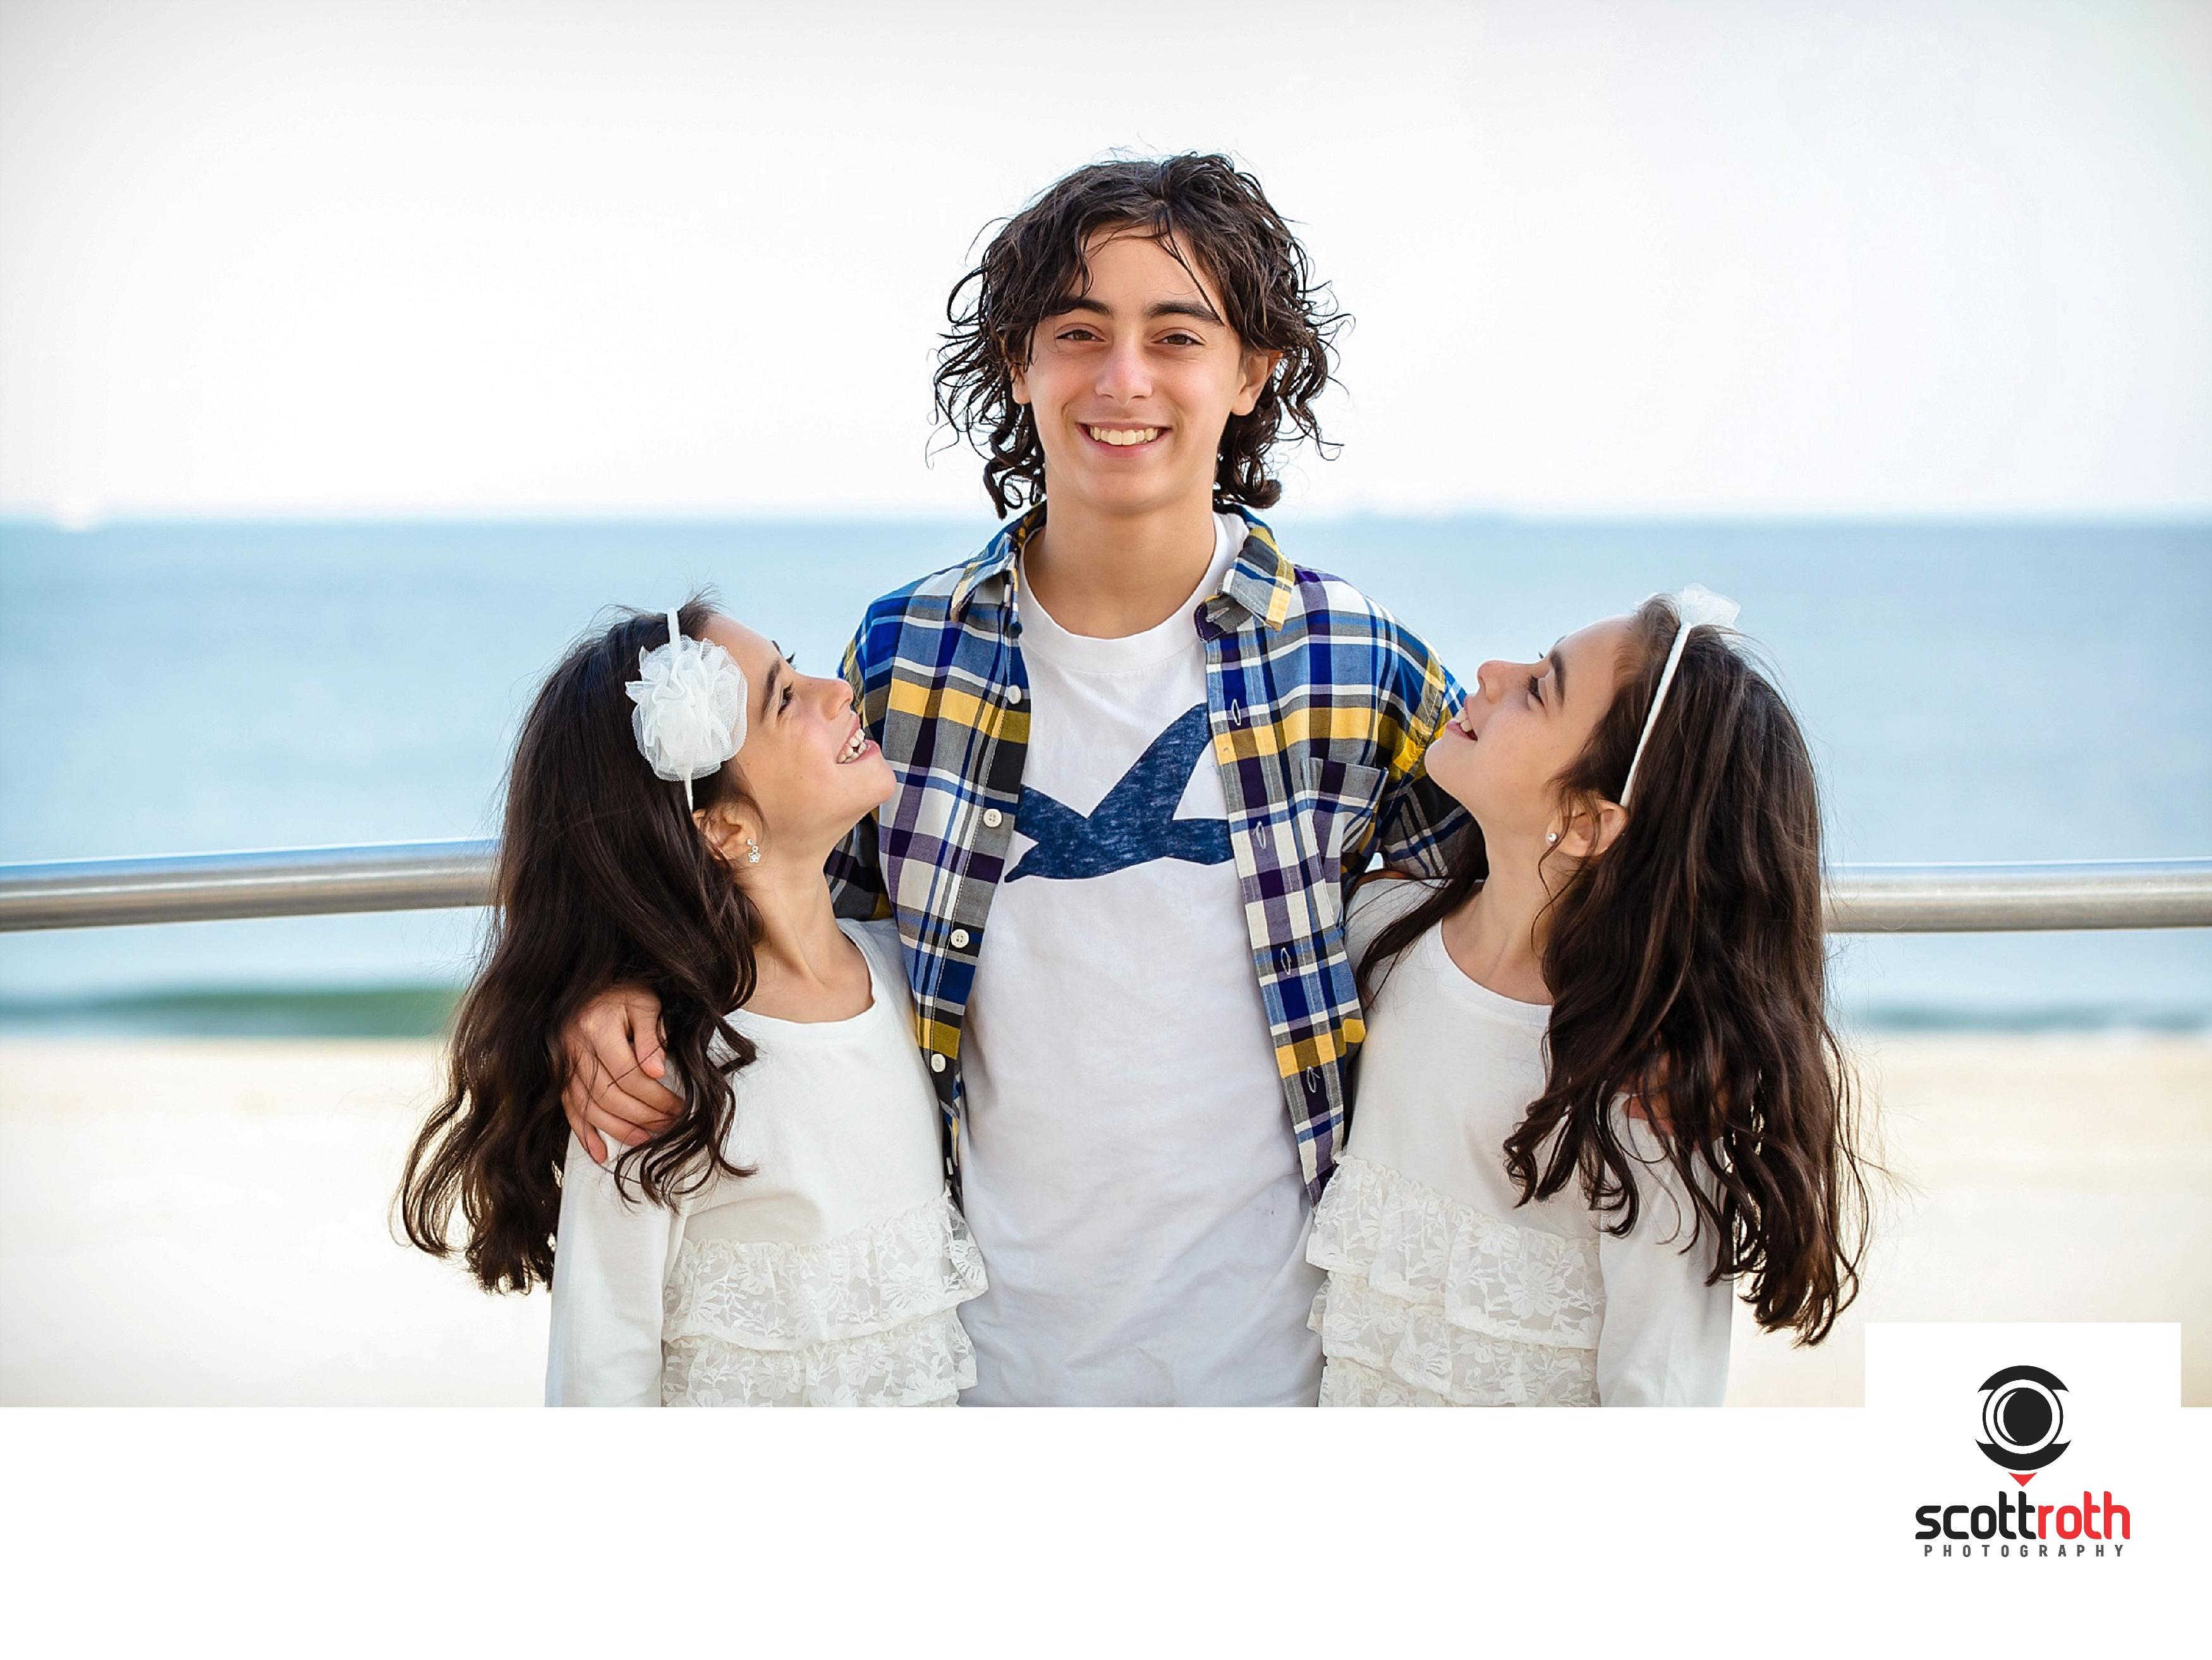 family-photography-beach-0100.jpg